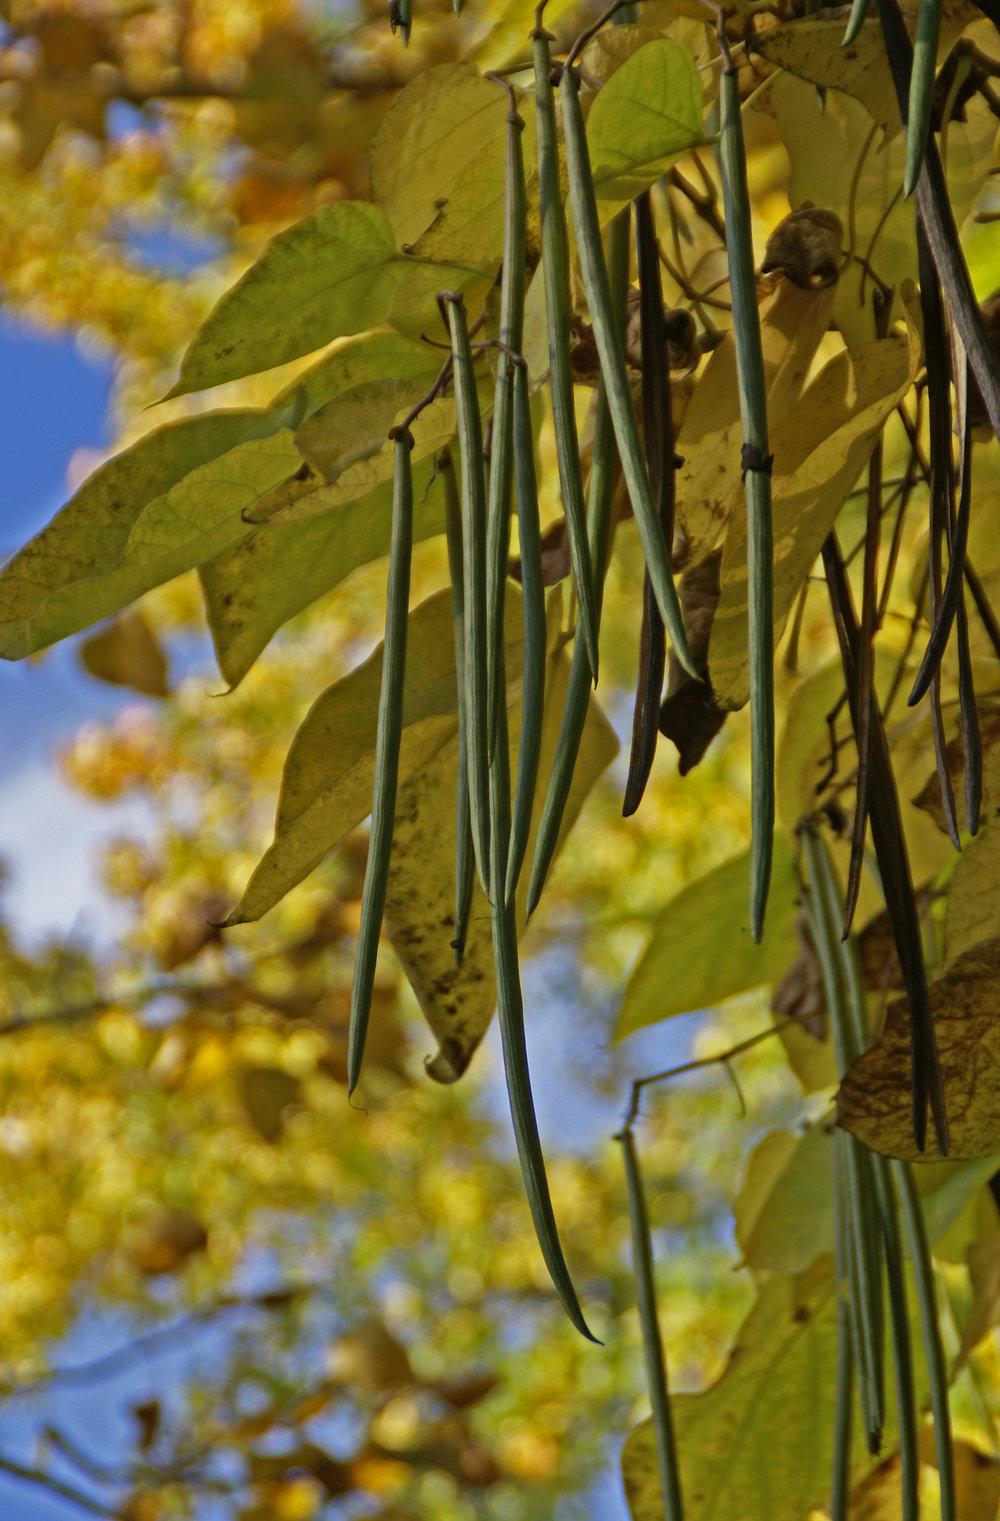 """""""Trompetenbaum, gewöhnlicher / southern catalpa (Catalpa bignonioides)""""    by    HEN-Magonza    is licensed under    CC BY 2.0"""